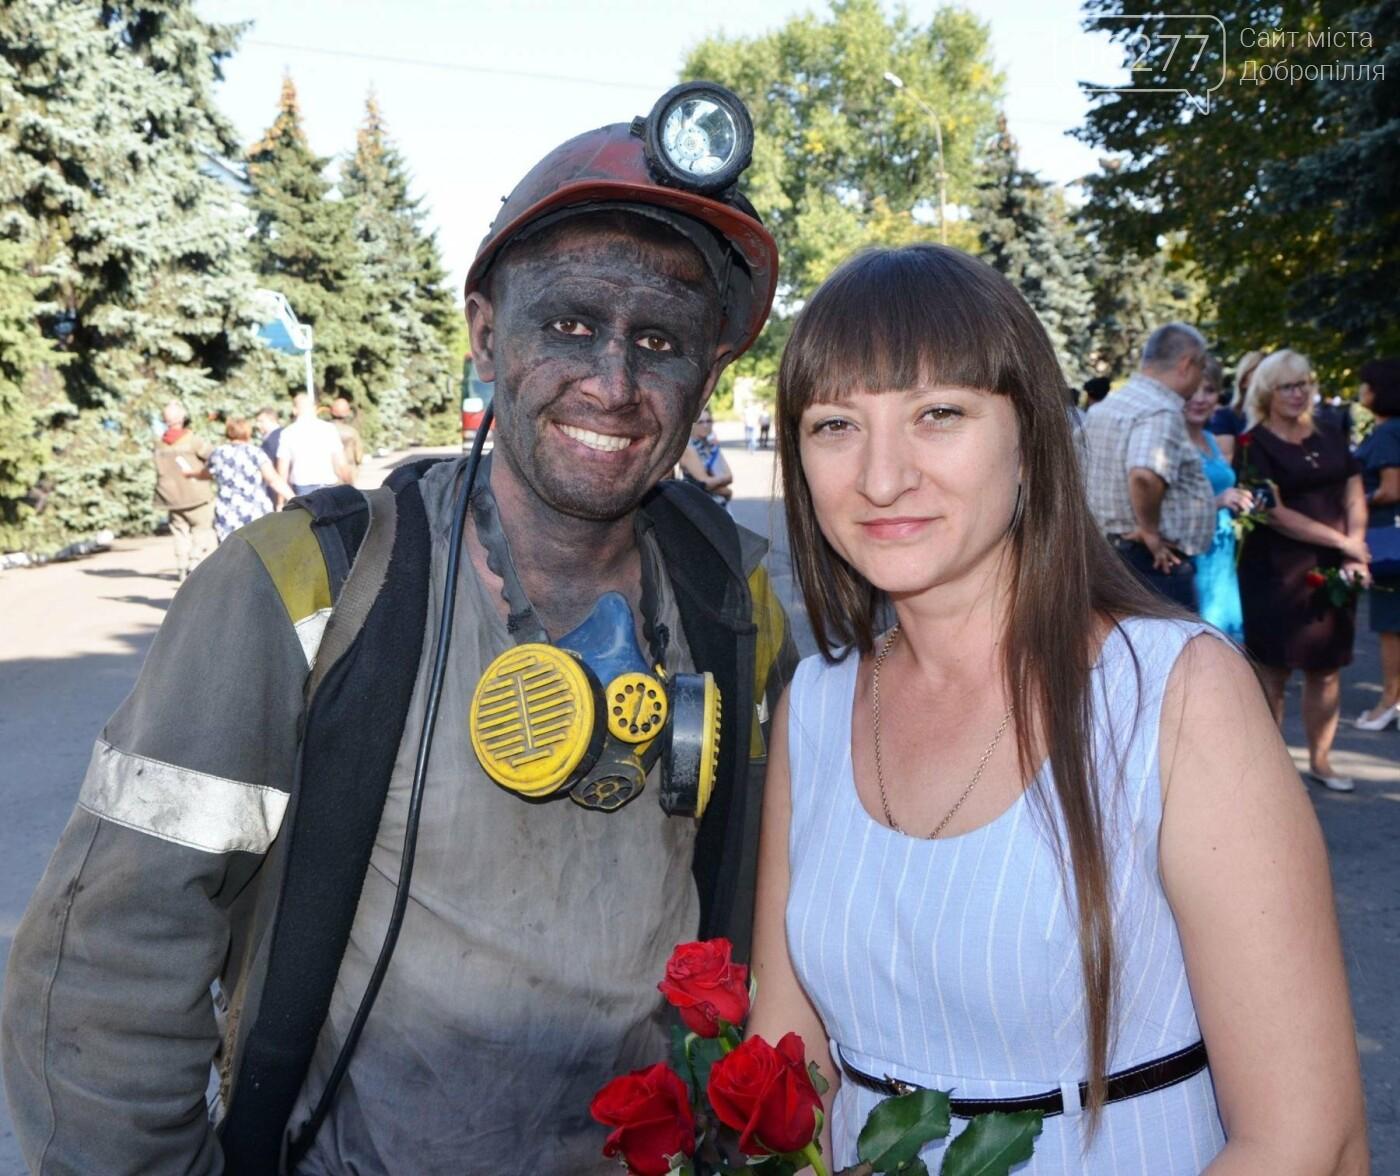 Шахтеры ШУ Добропольское добыли первый миллион тонн угля с начала года, фото-2